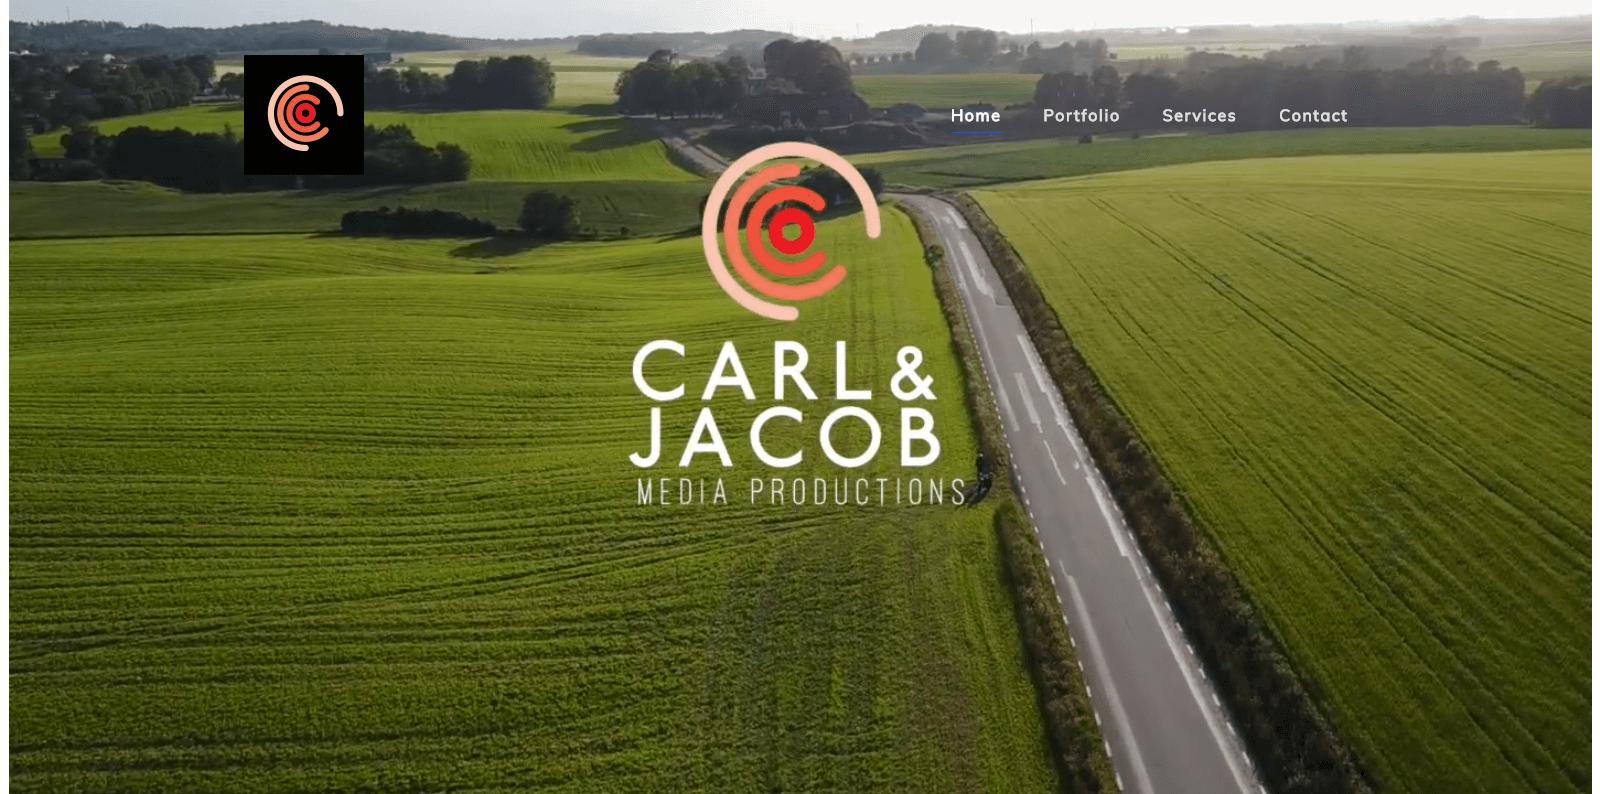 Carl & Jacob Media Productions